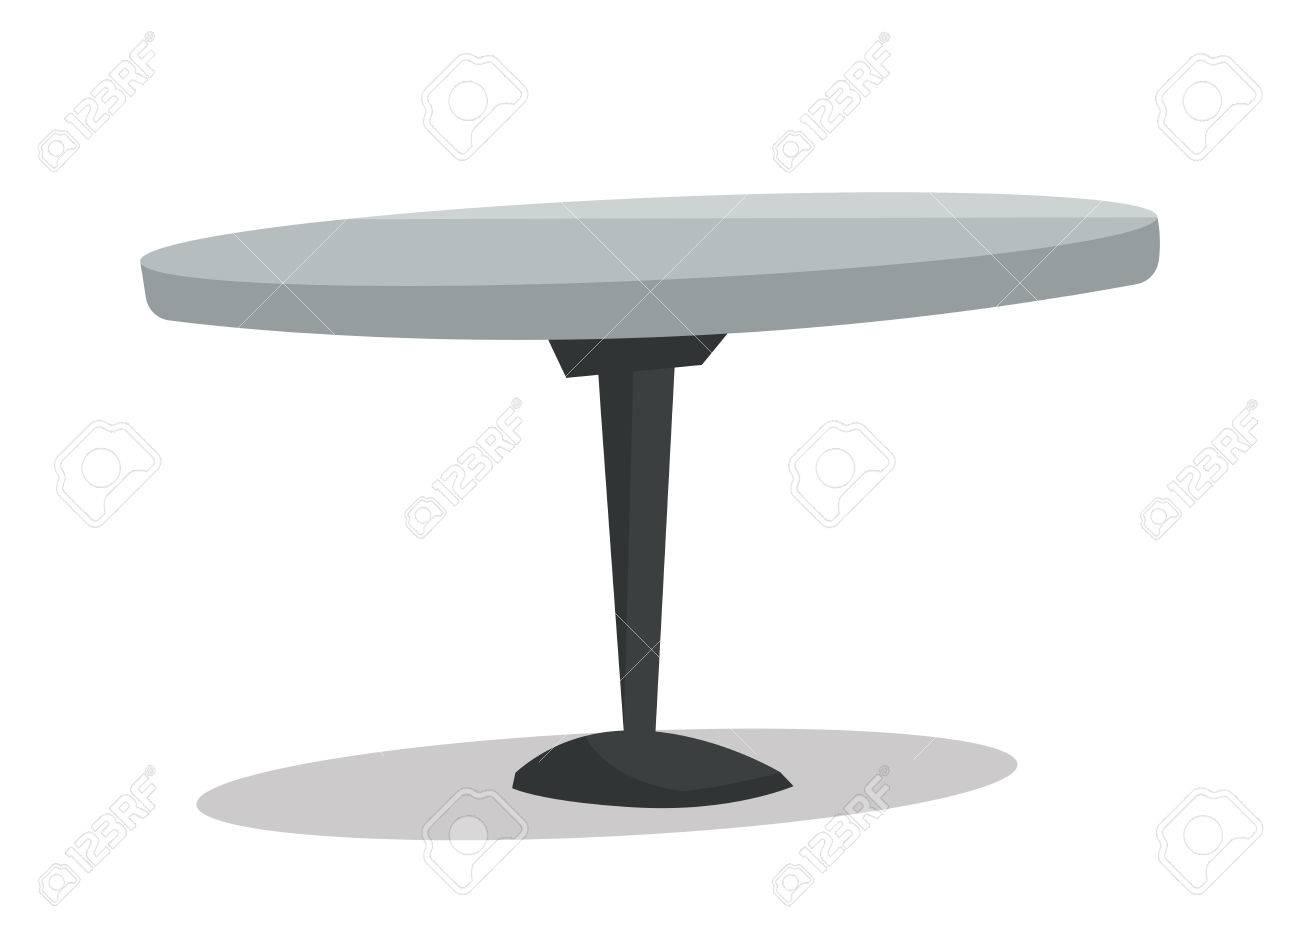 banque dimages bar table ronde vecteur design plat illustration isol sur fond blanc - Table Ronde Bar